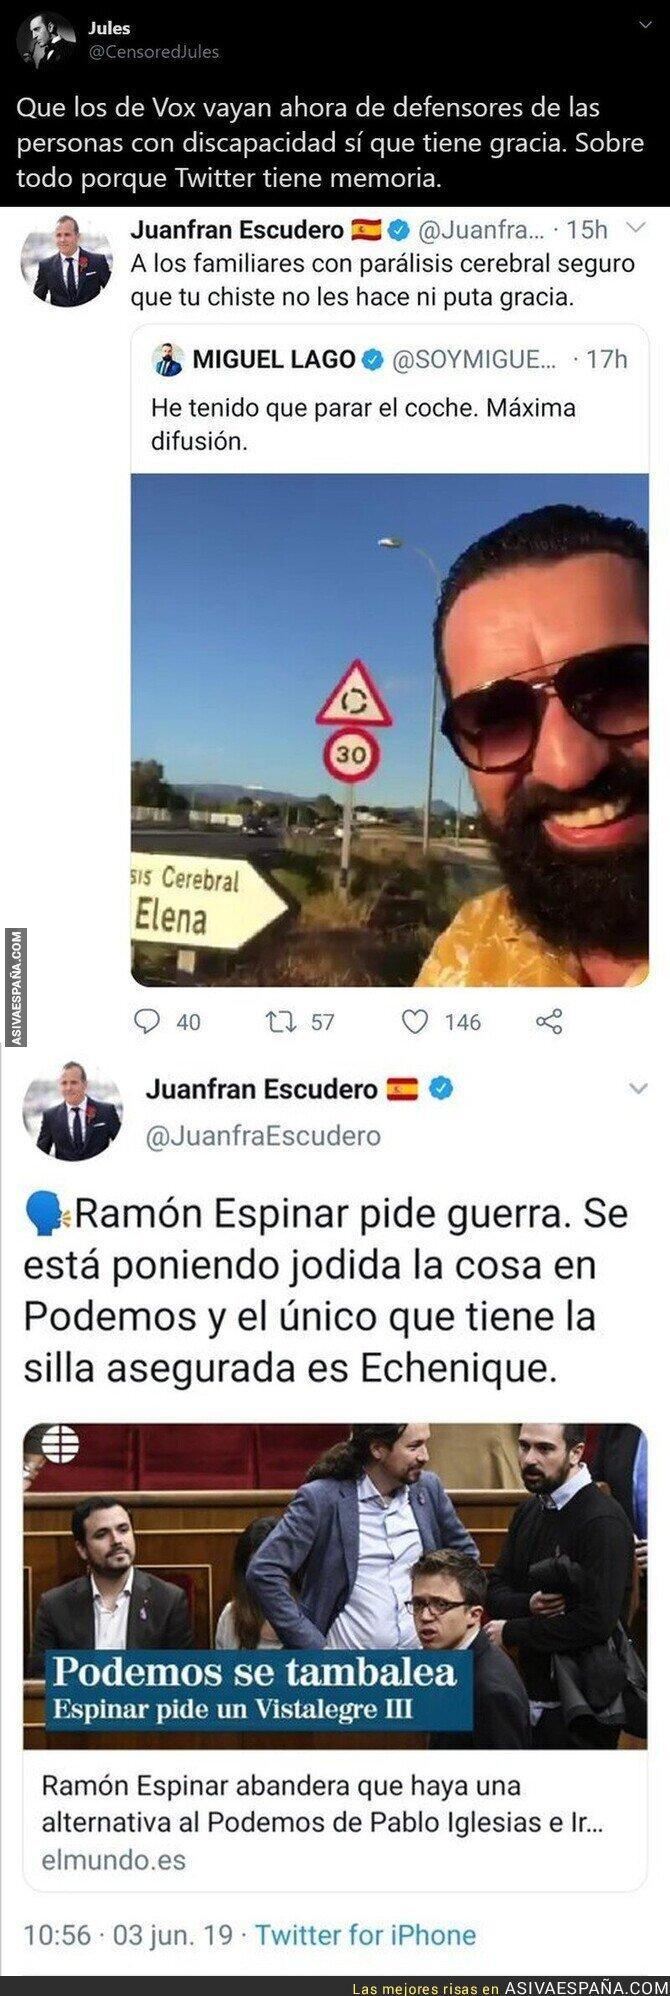 347878 - Juanfran Escudero queda totalmente retratado después de ofenderse por humor negro tras él haber tuiteado esto sobre Pablo Echenique